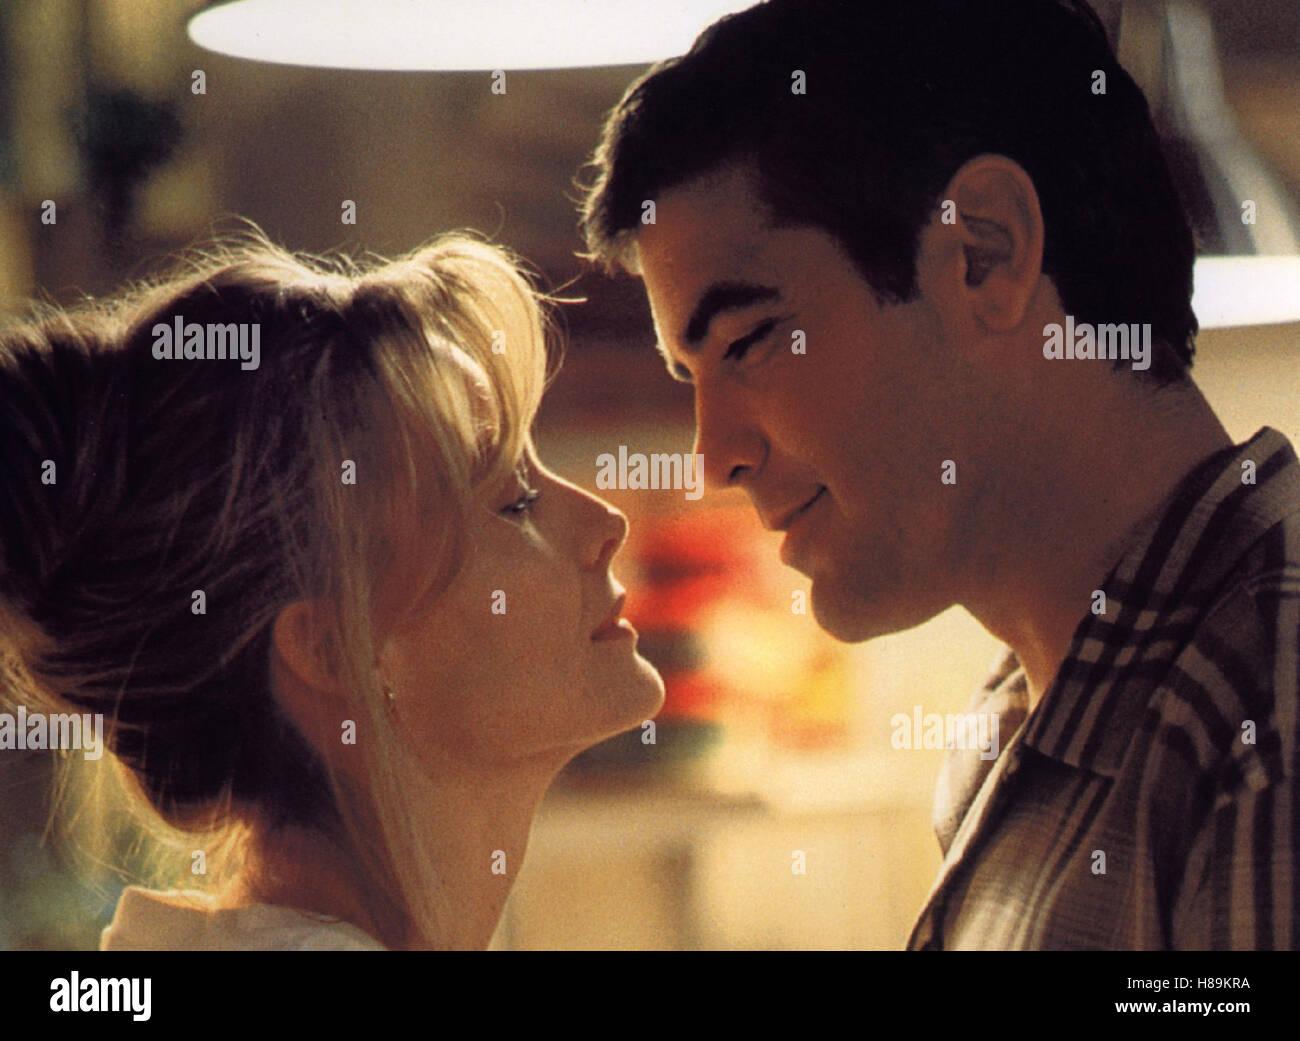 Tage wie dieser ..., (ONE FINE DAY) USA 1997, Regie: Michael Hoffman, MICHELLE PFEIFFER, GEORGE CLOONEY Stock Photo